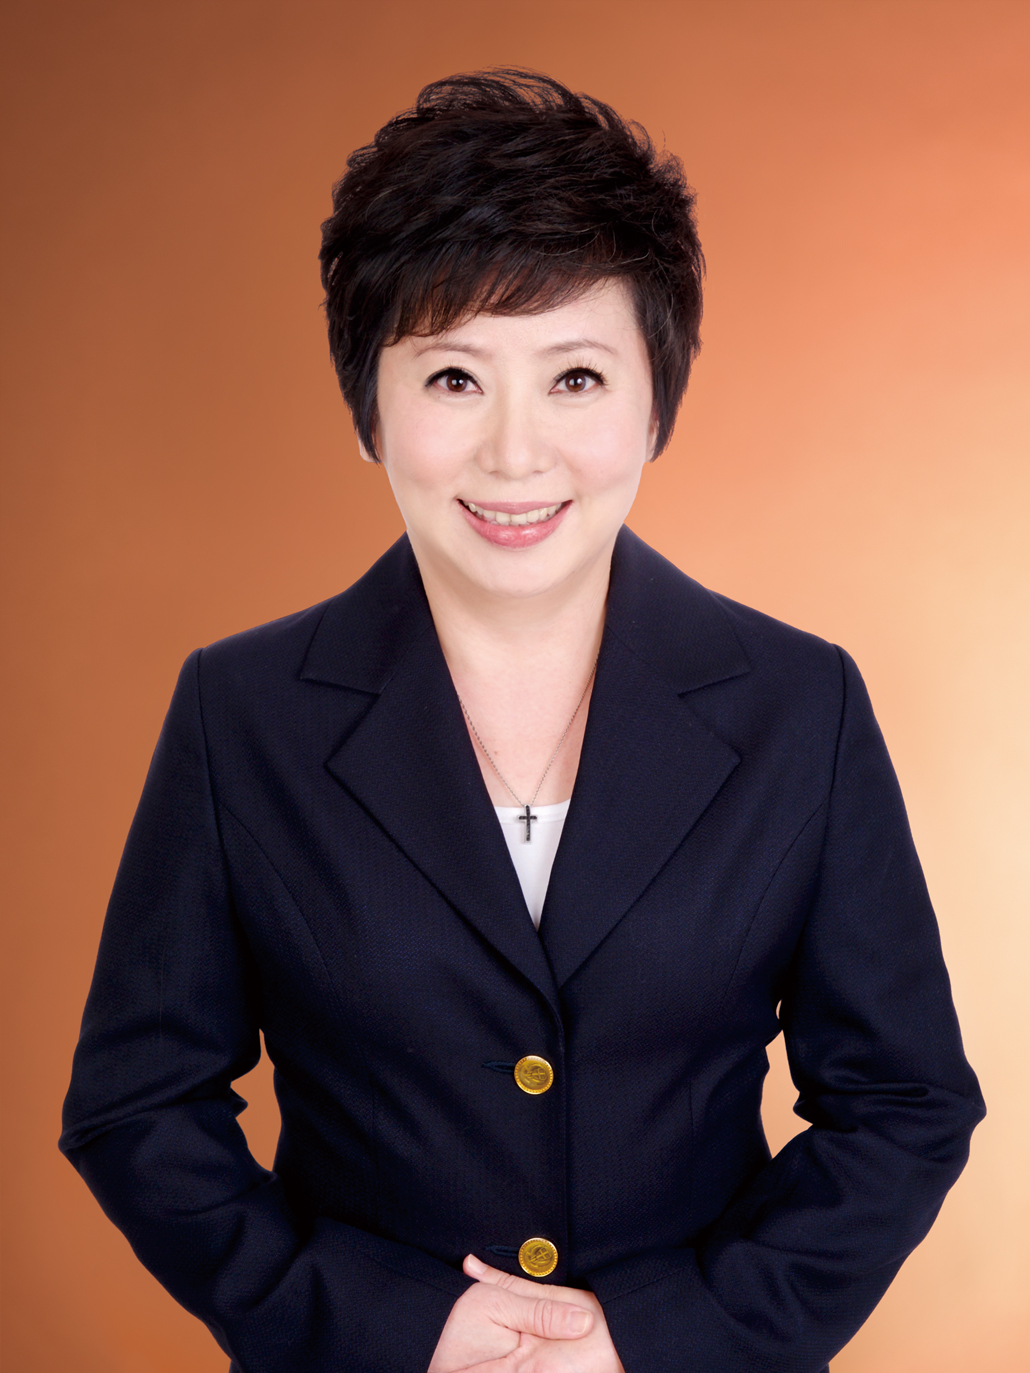 陳小瑩肖像